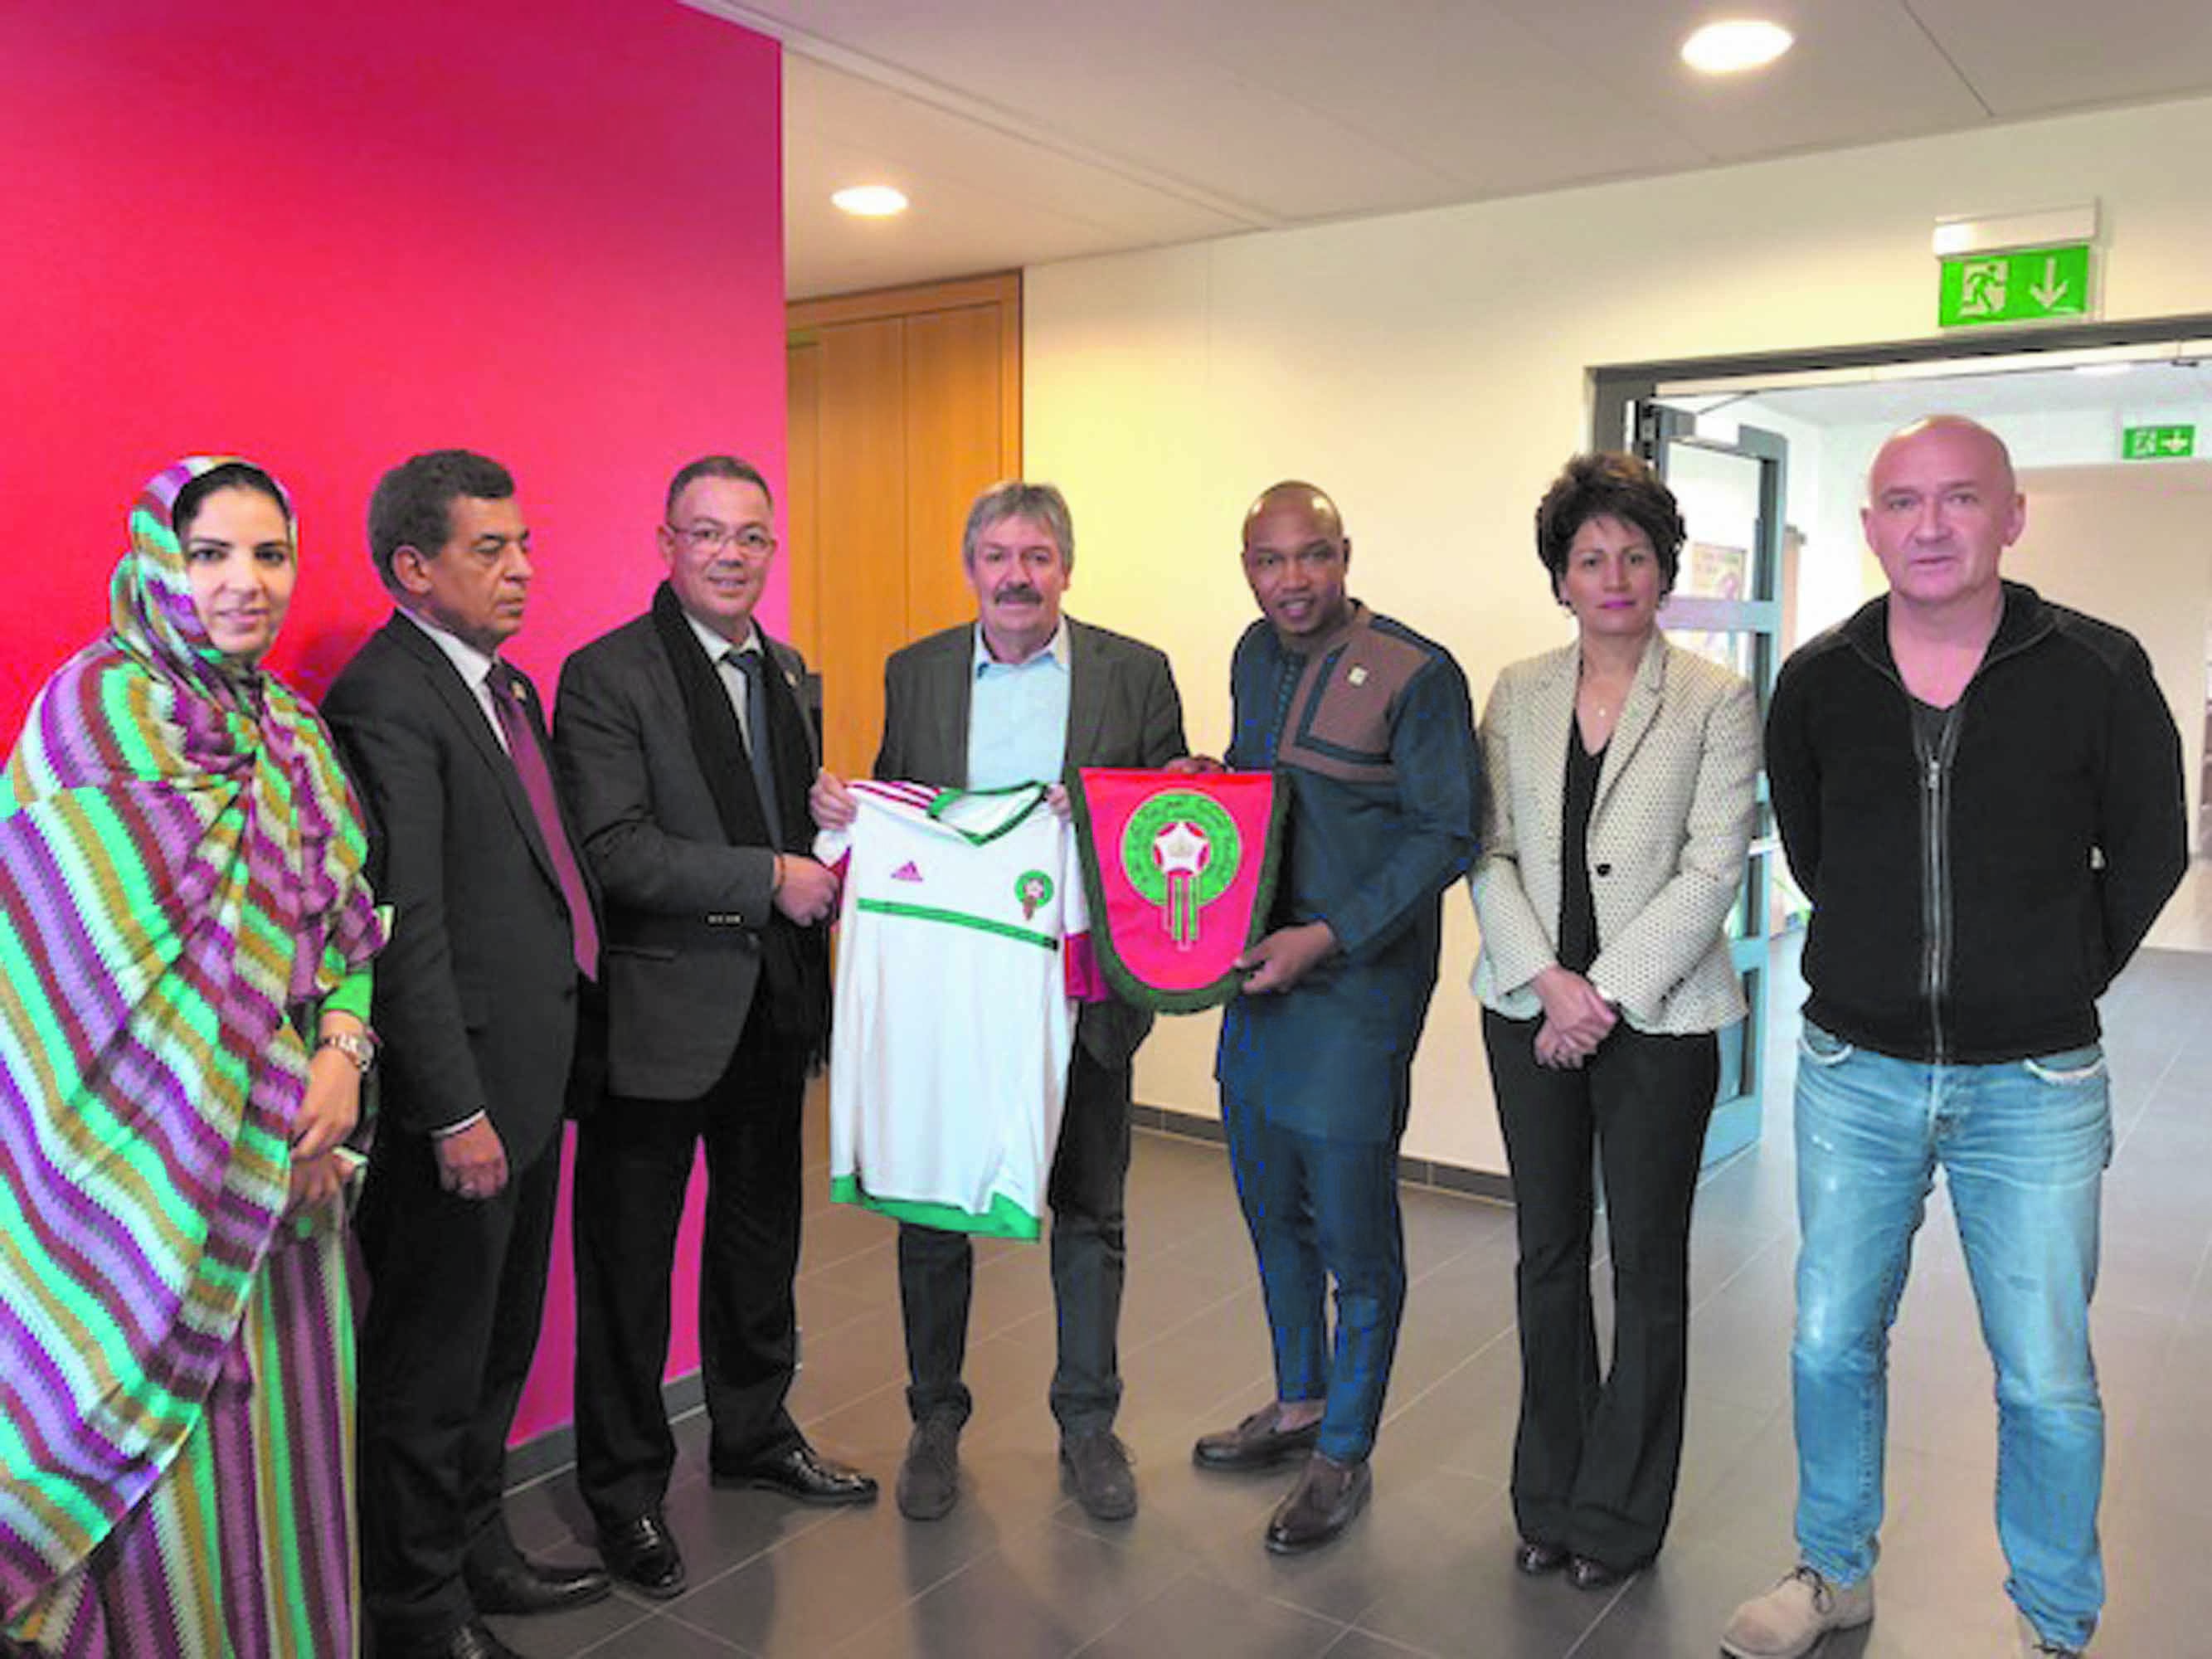 La promotion de la candidature marocaine pour le Mondial 2026 bat son plein